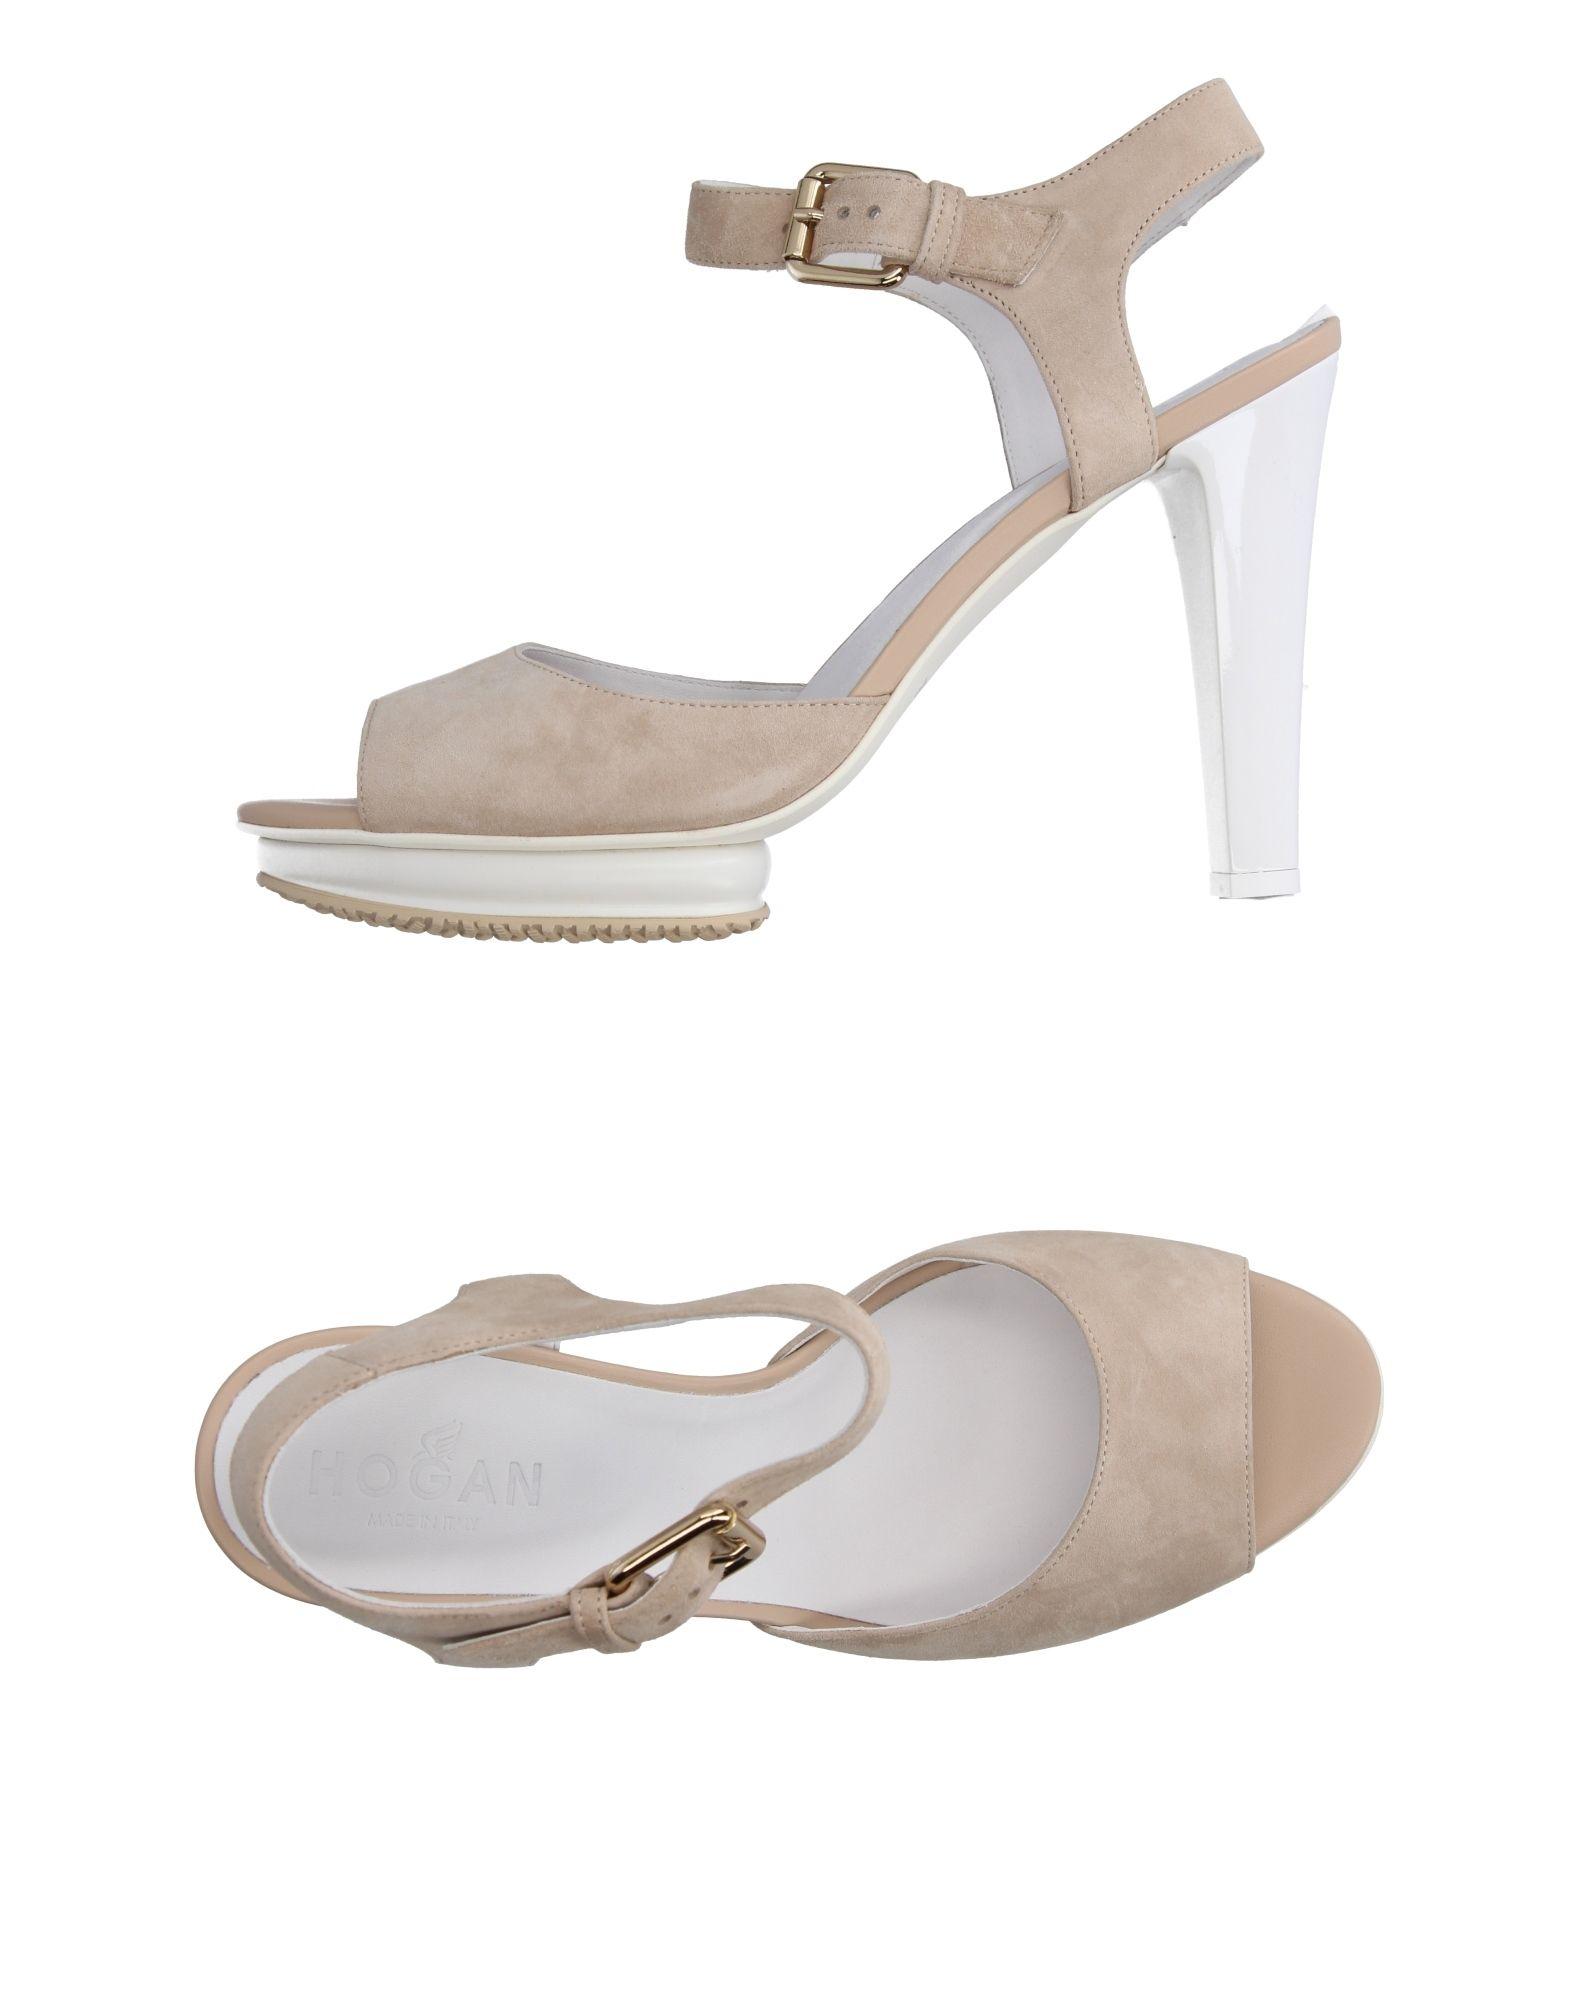 Hogan Sandalen Damen 11204737DJGut  11204737DJGut Damen aussehende strapazierfähige Schuhe 4342e6